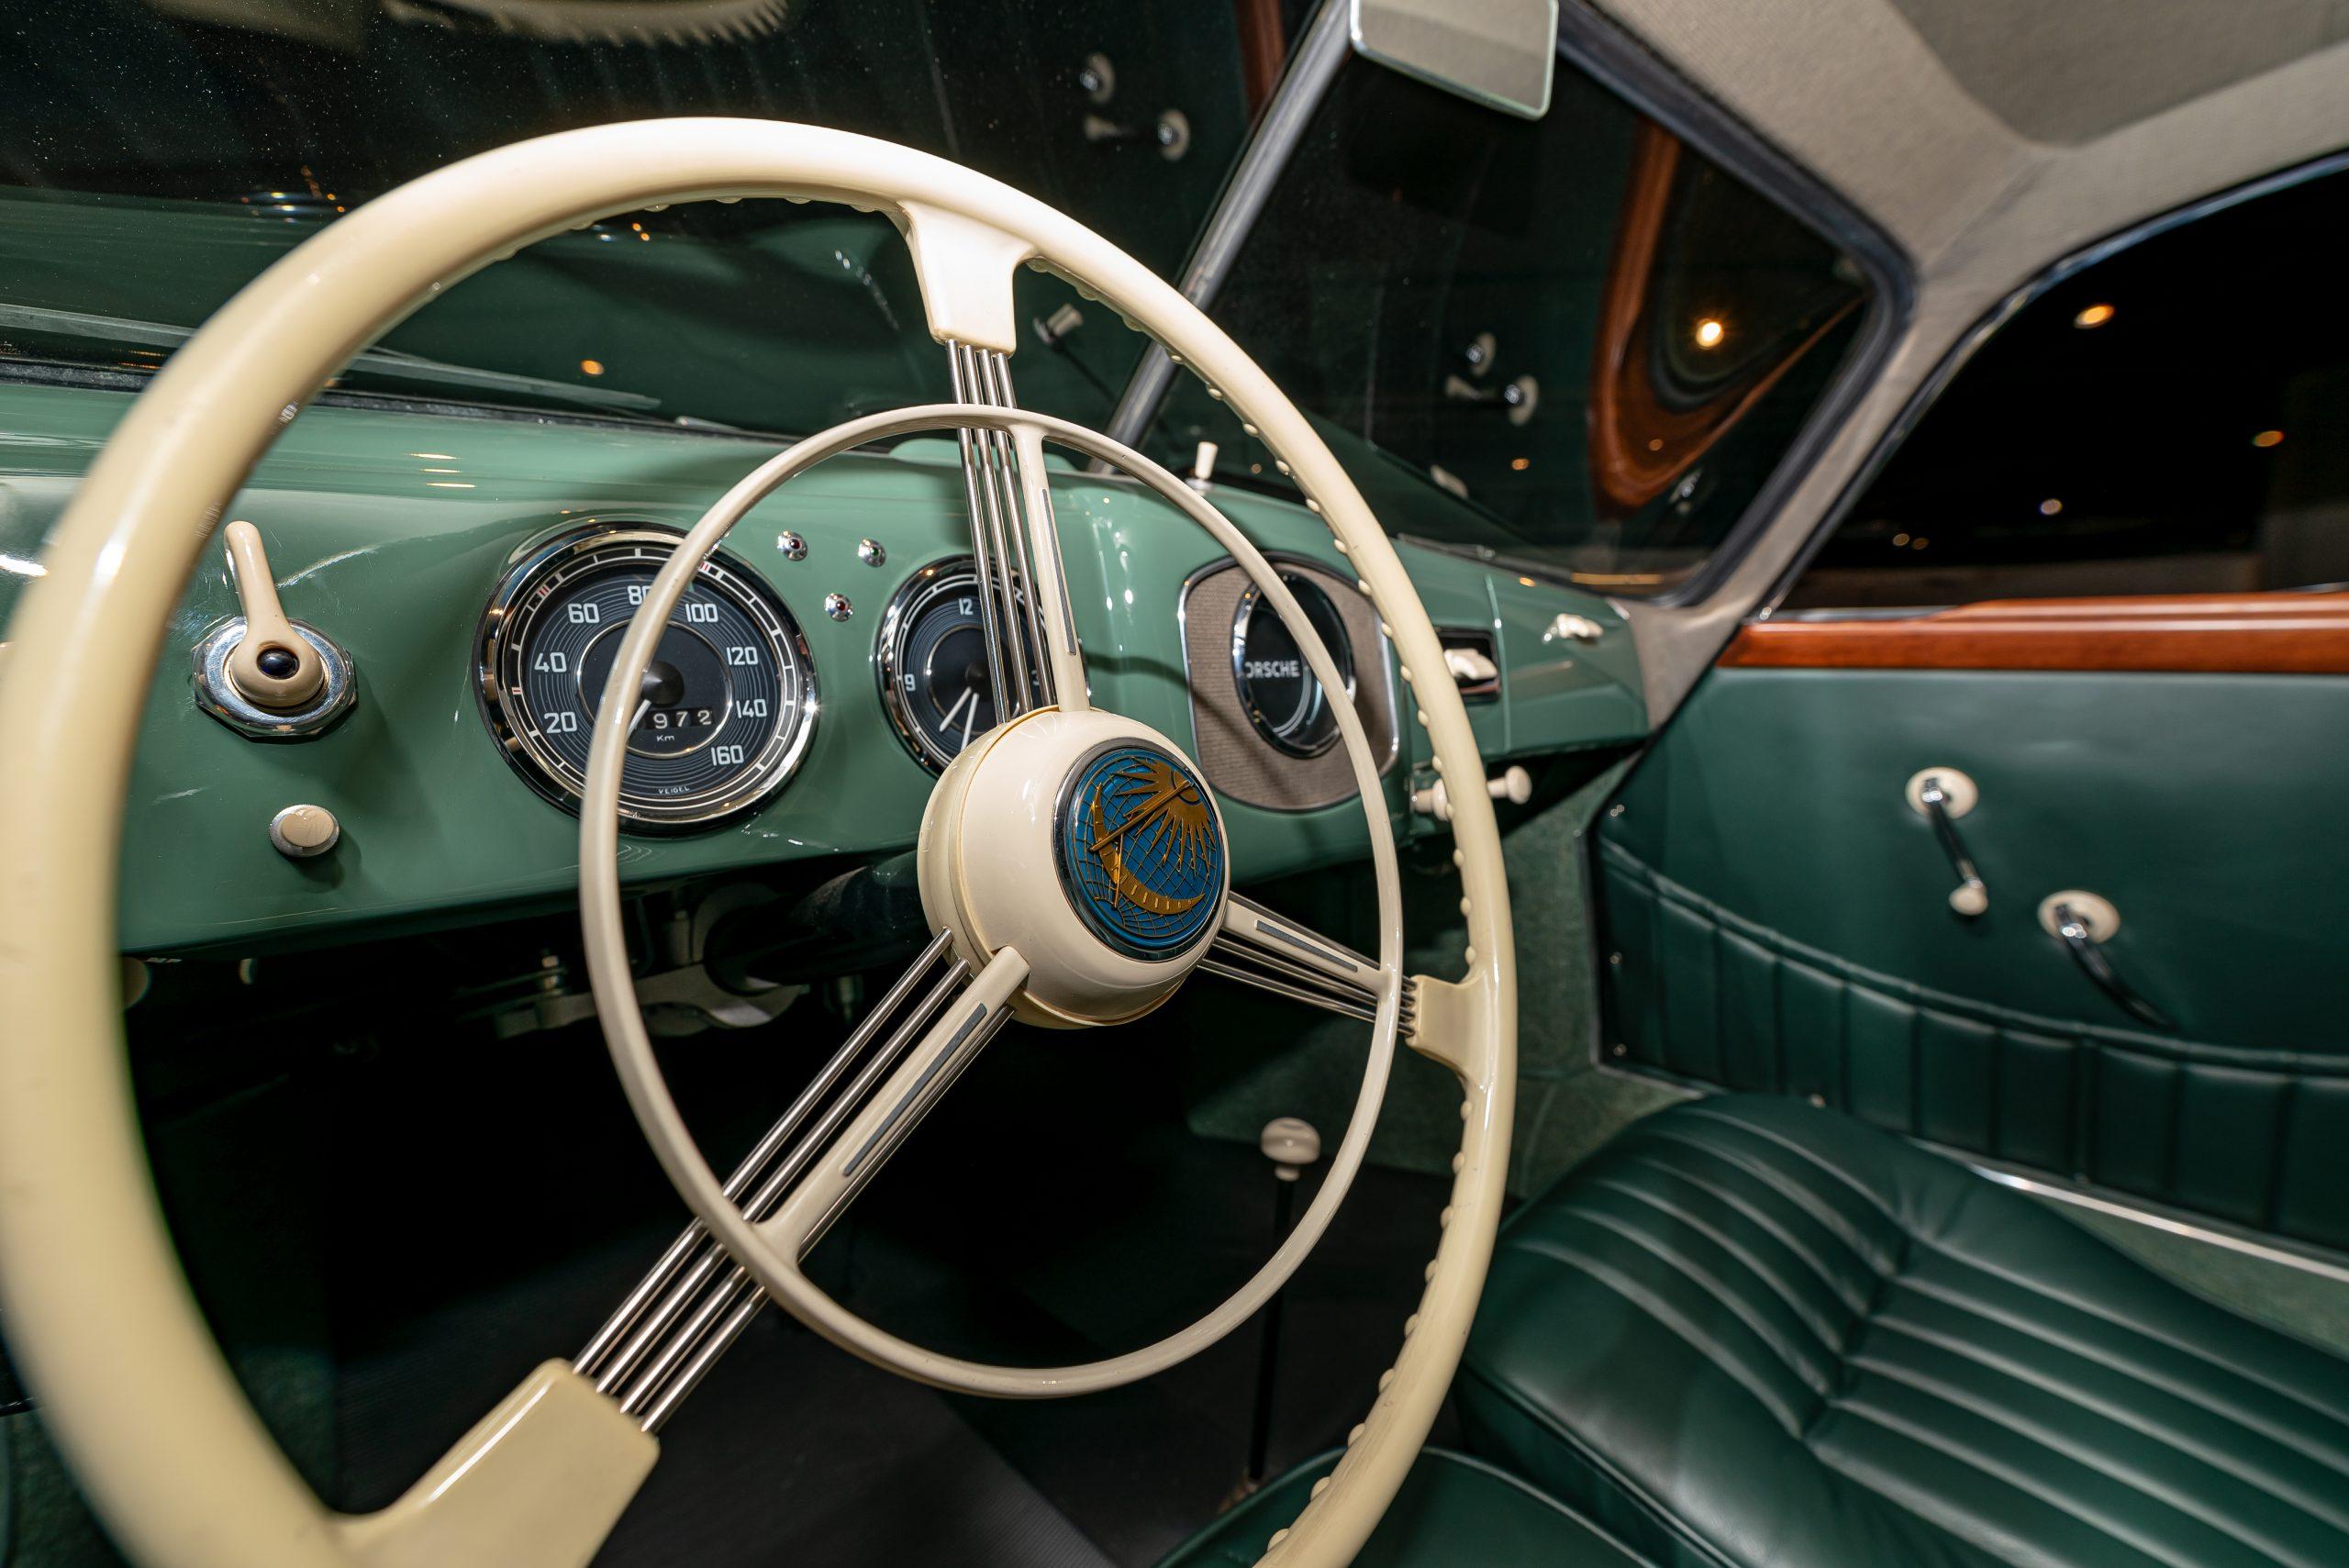 1950 porsche 356 1-1-liter coupe in radium green interior